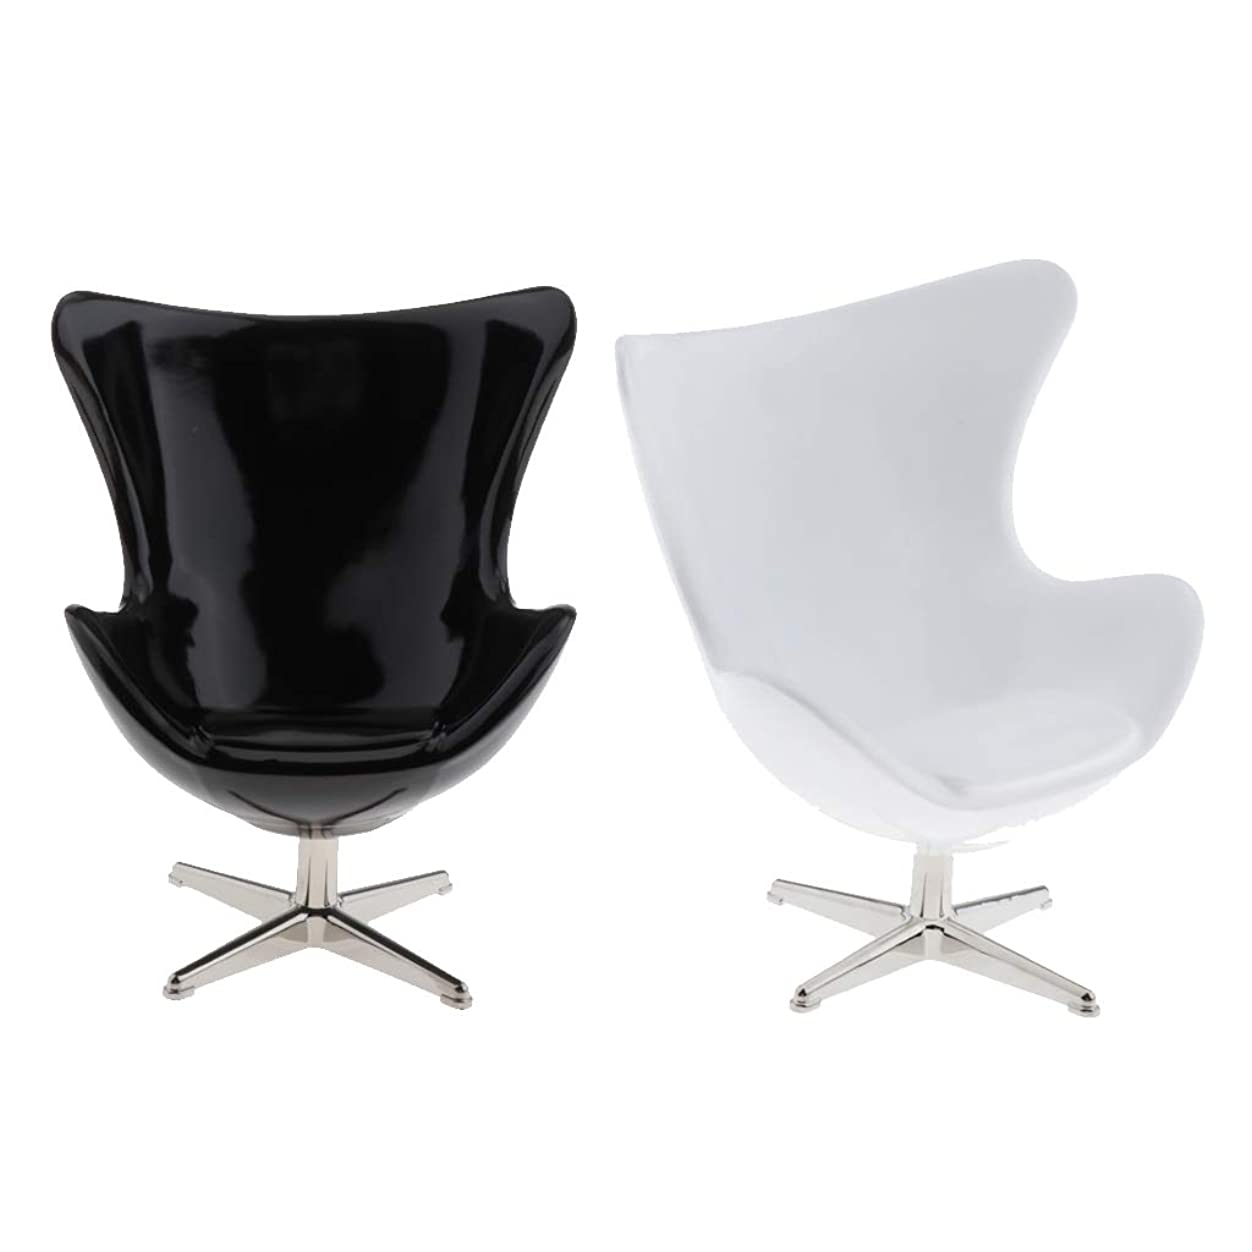 事実栄養ファントム#N/A 2ロット1/12ドールハウス家具1/6椅子ミニ現実的な任意の部屋の装飾のおもちゃ